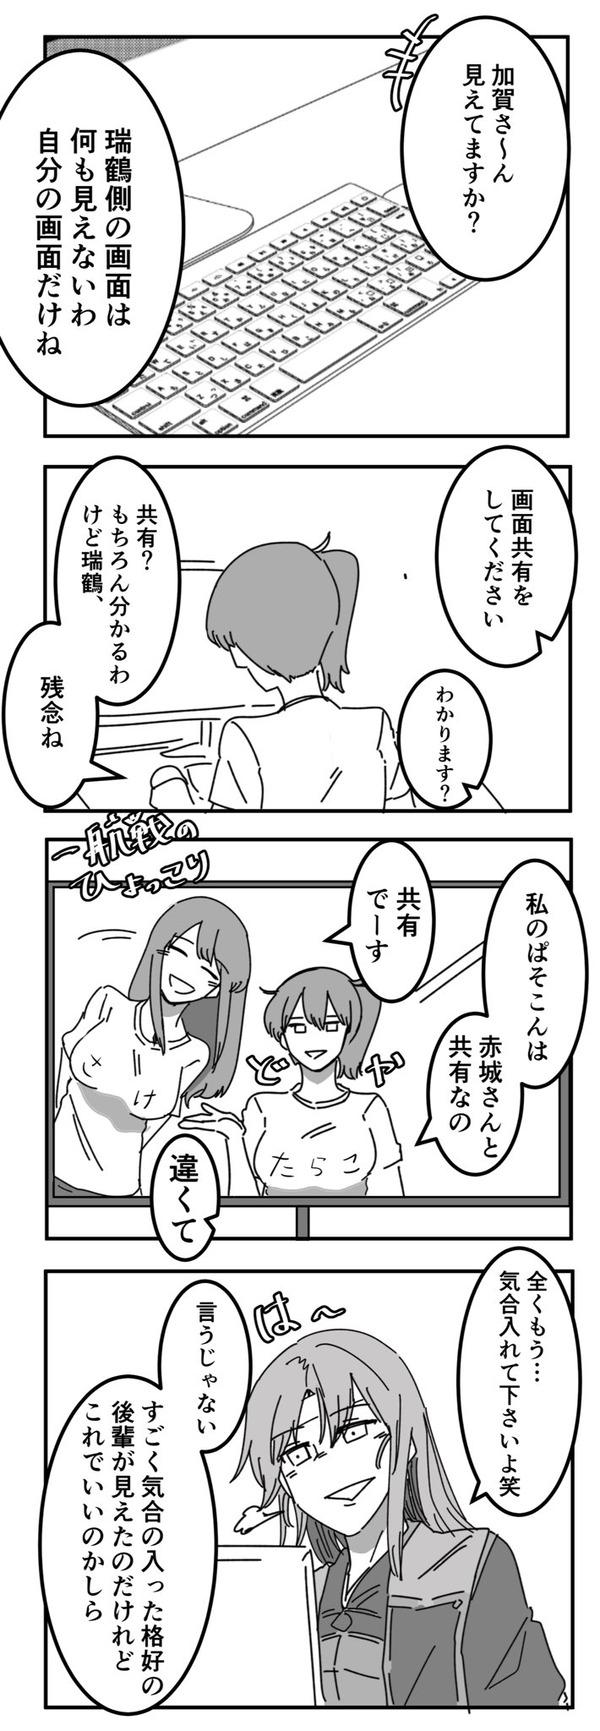 【艦これ】瑞鶴と加賀さんとリモートワーク 他なごみネタ